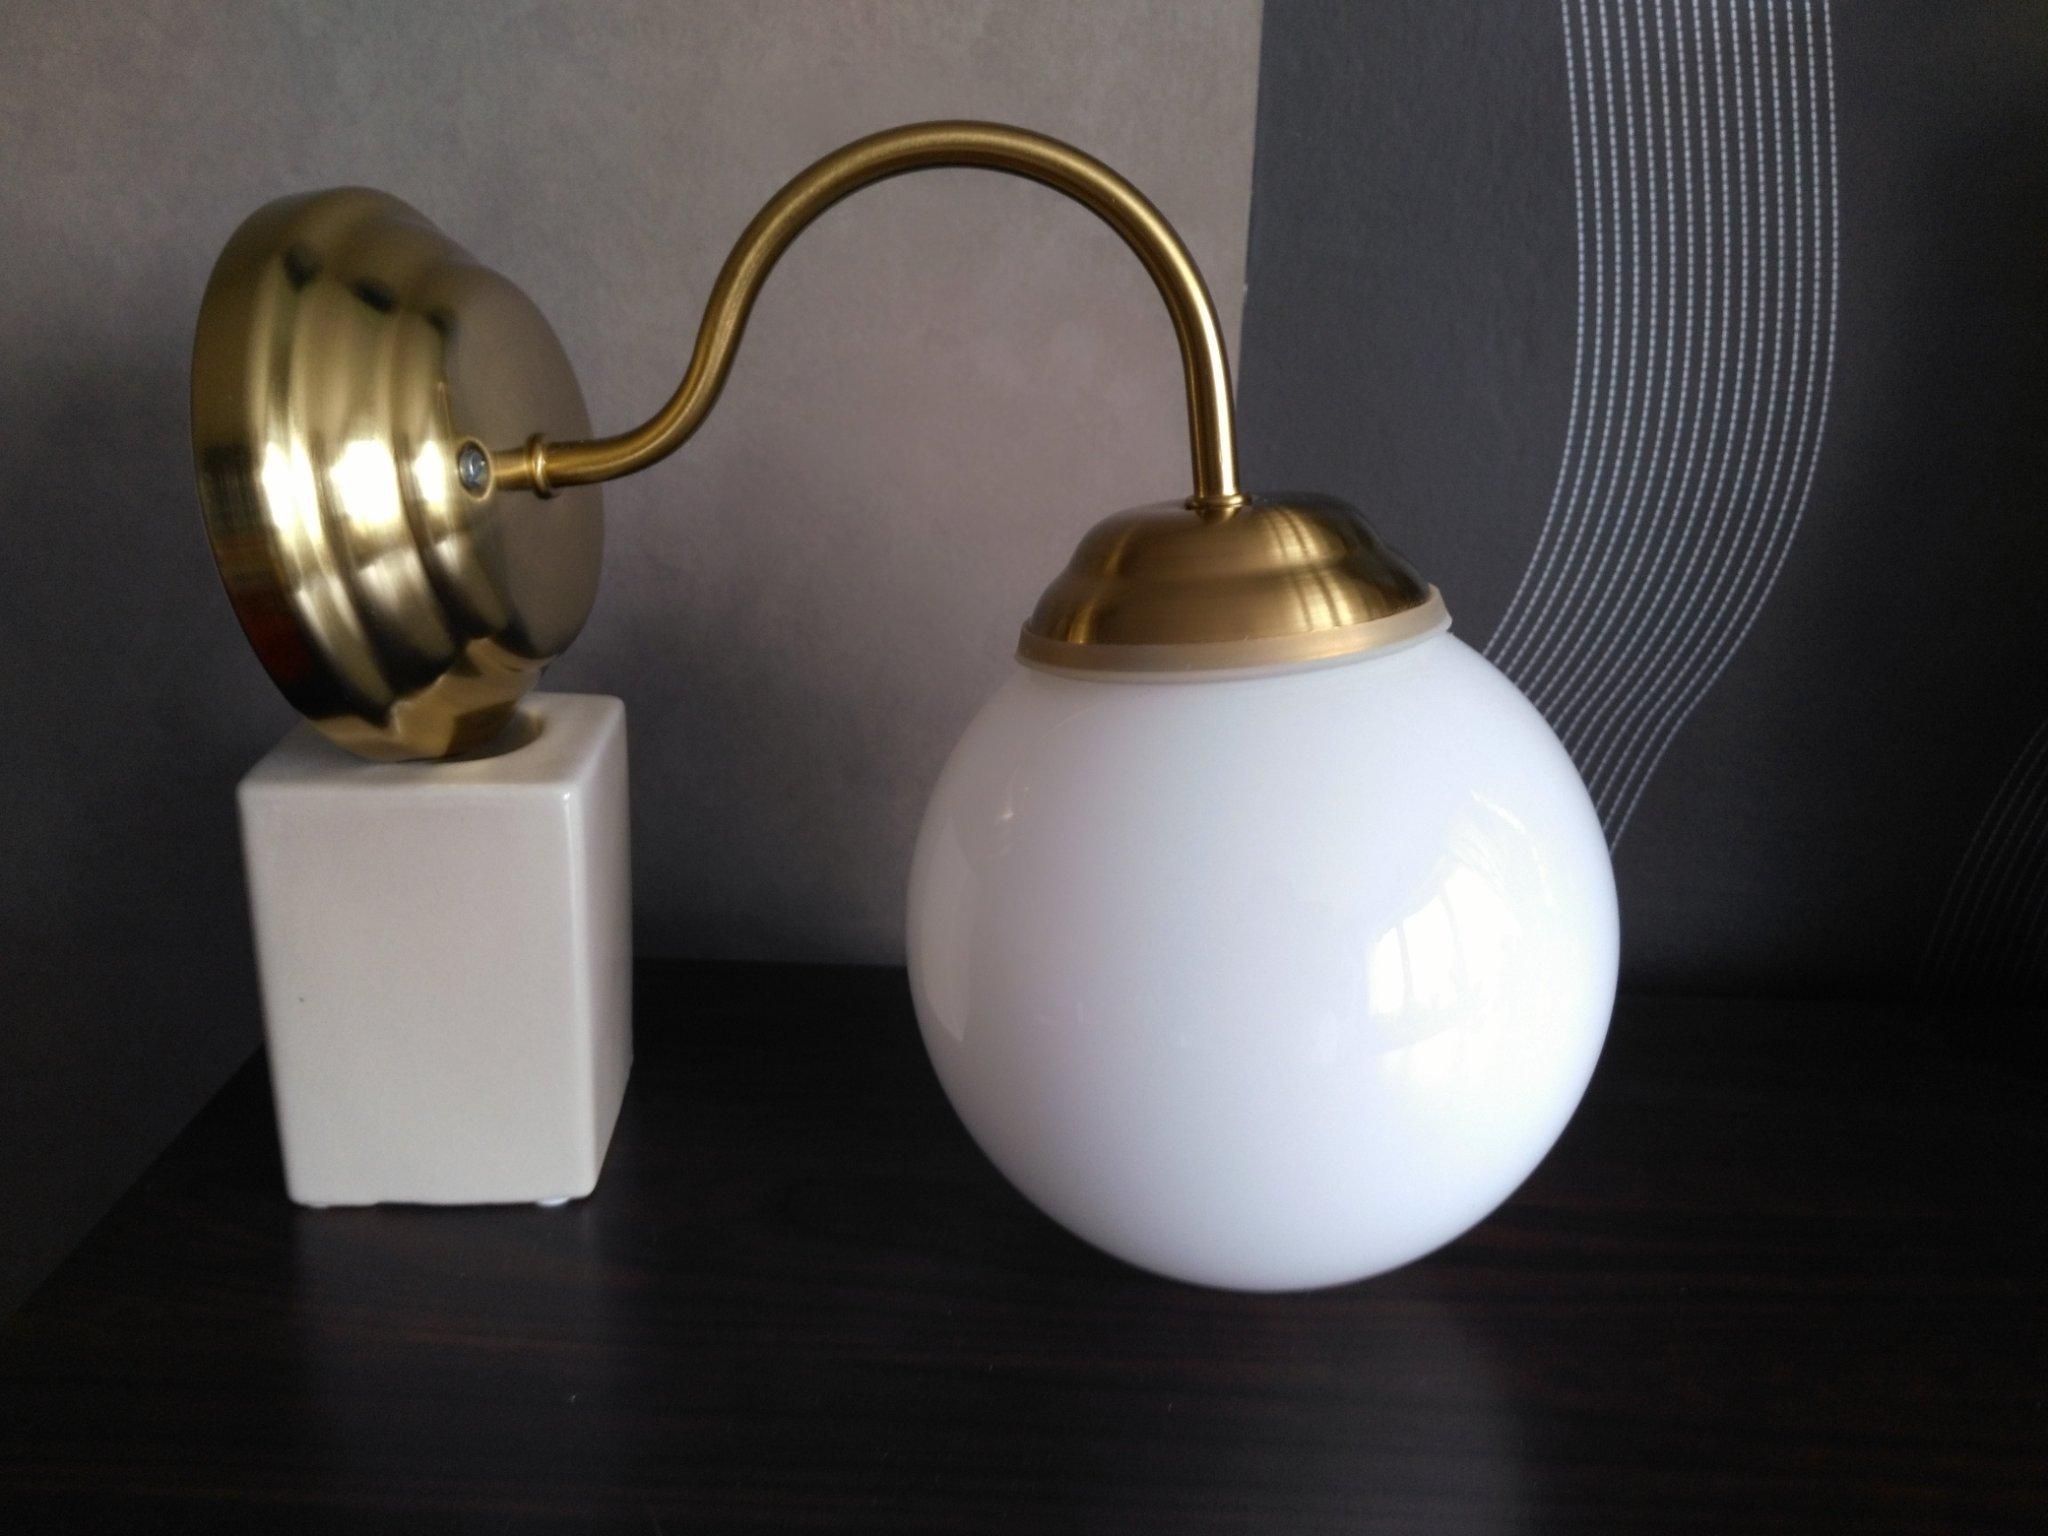 IKEA Lillholmen badrumslampa vägglampa klotlampa Glas Mässing. Utgått fr. IKEA